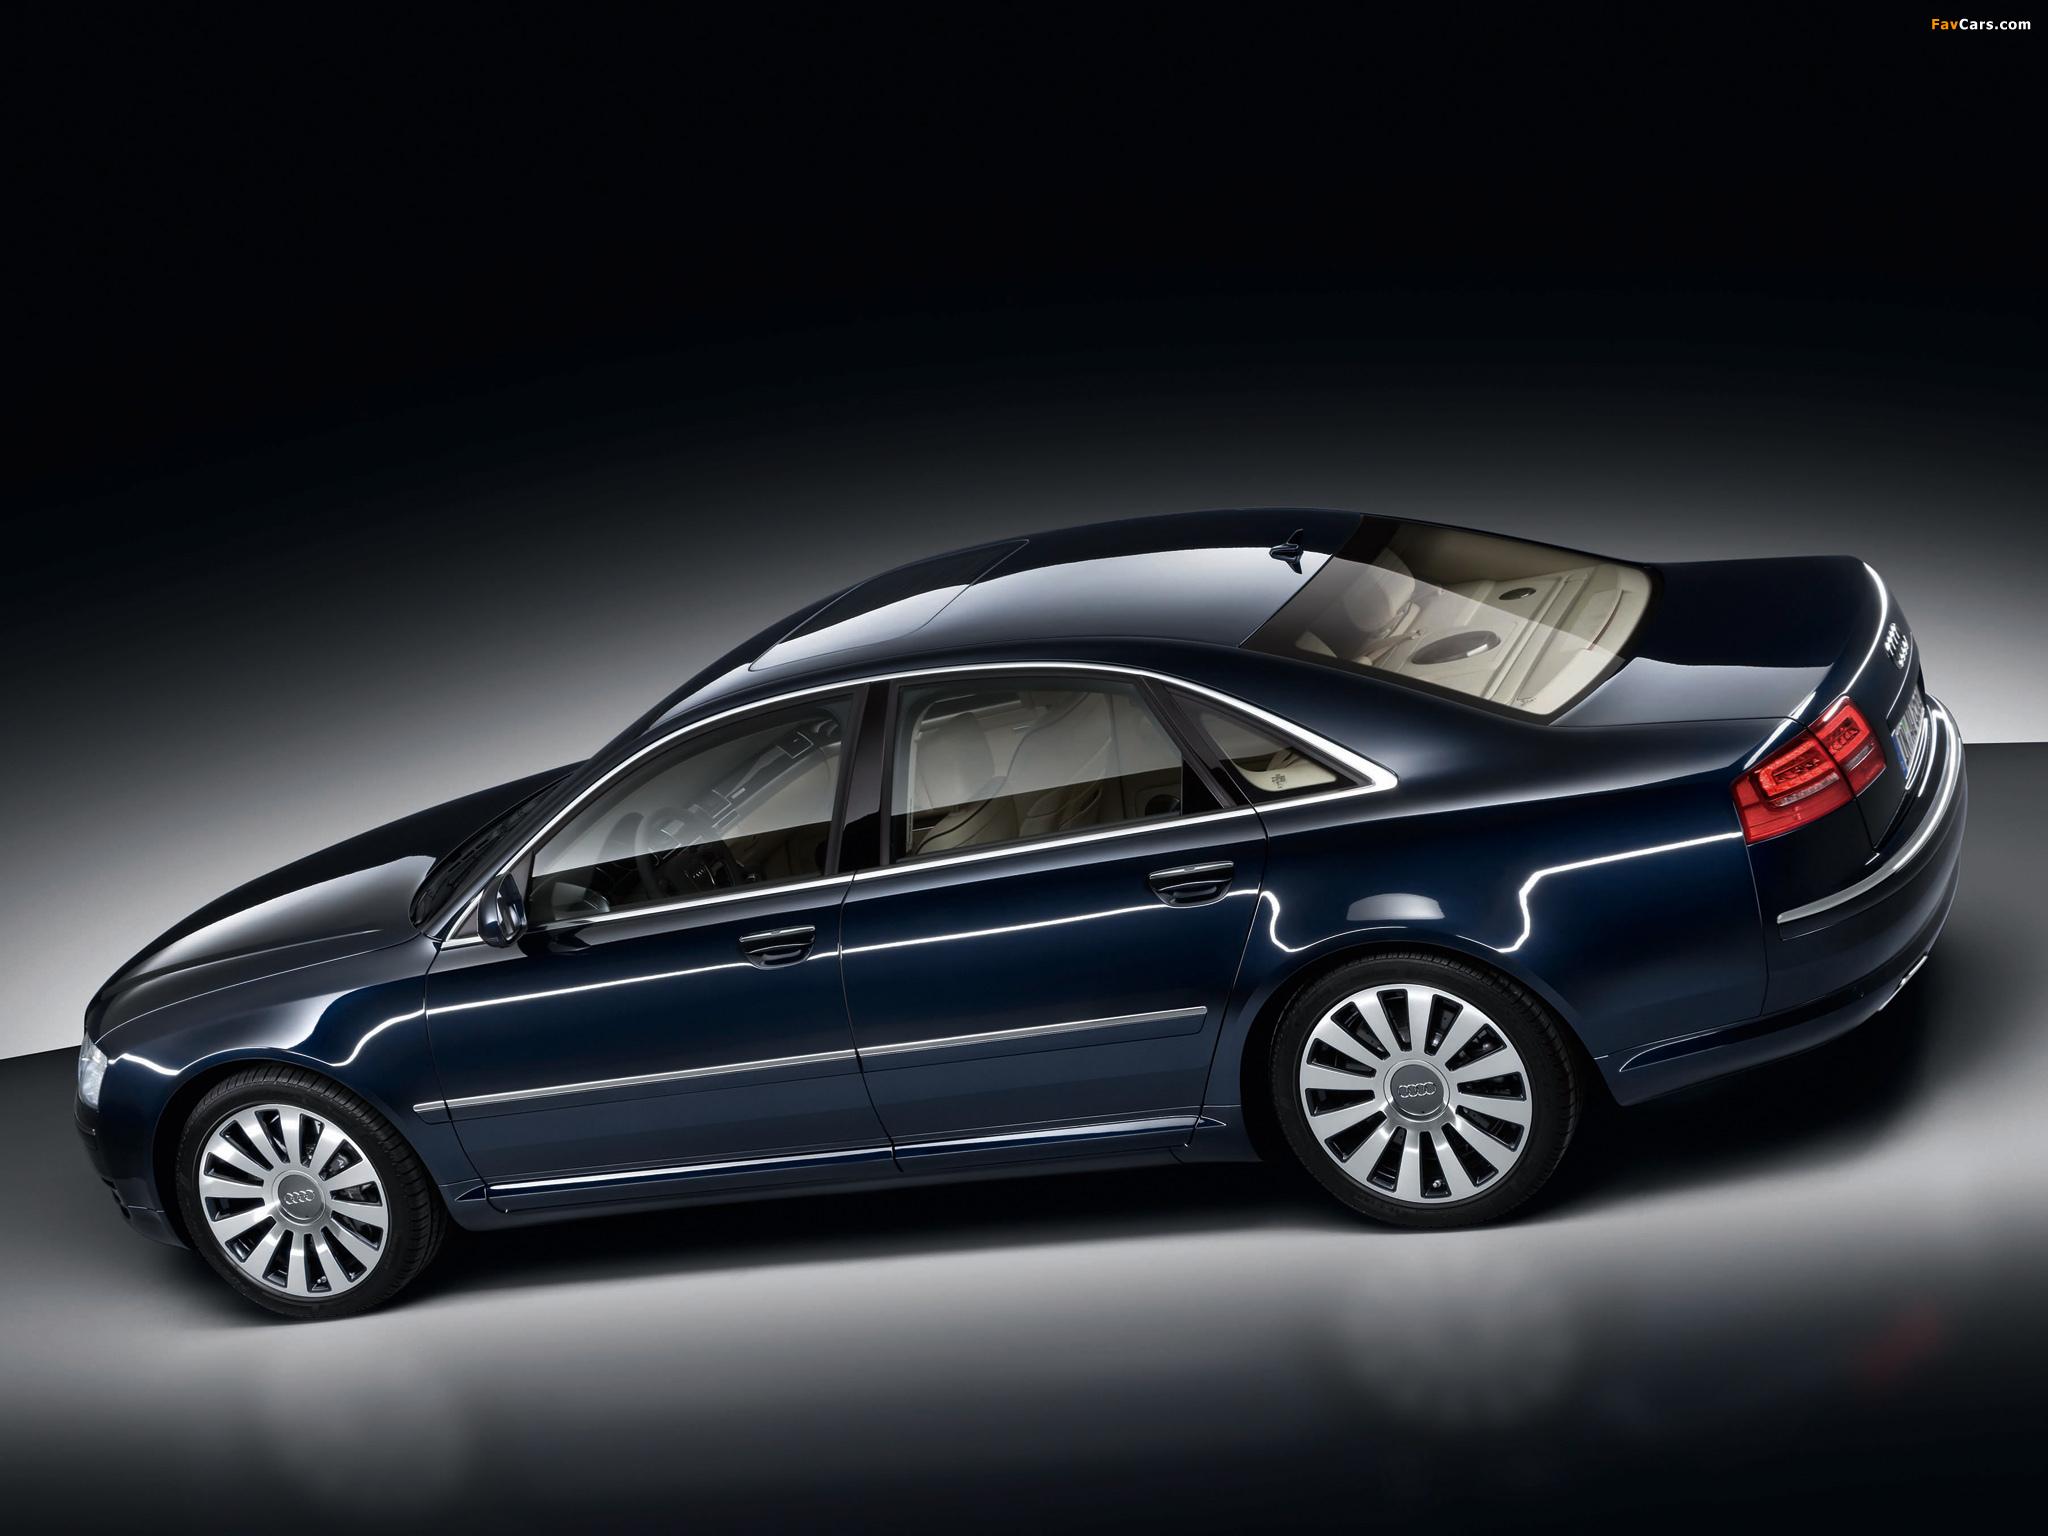 Audi A8L W12 quattro D3 200810 wallpapers 2048x1536 2048x1536